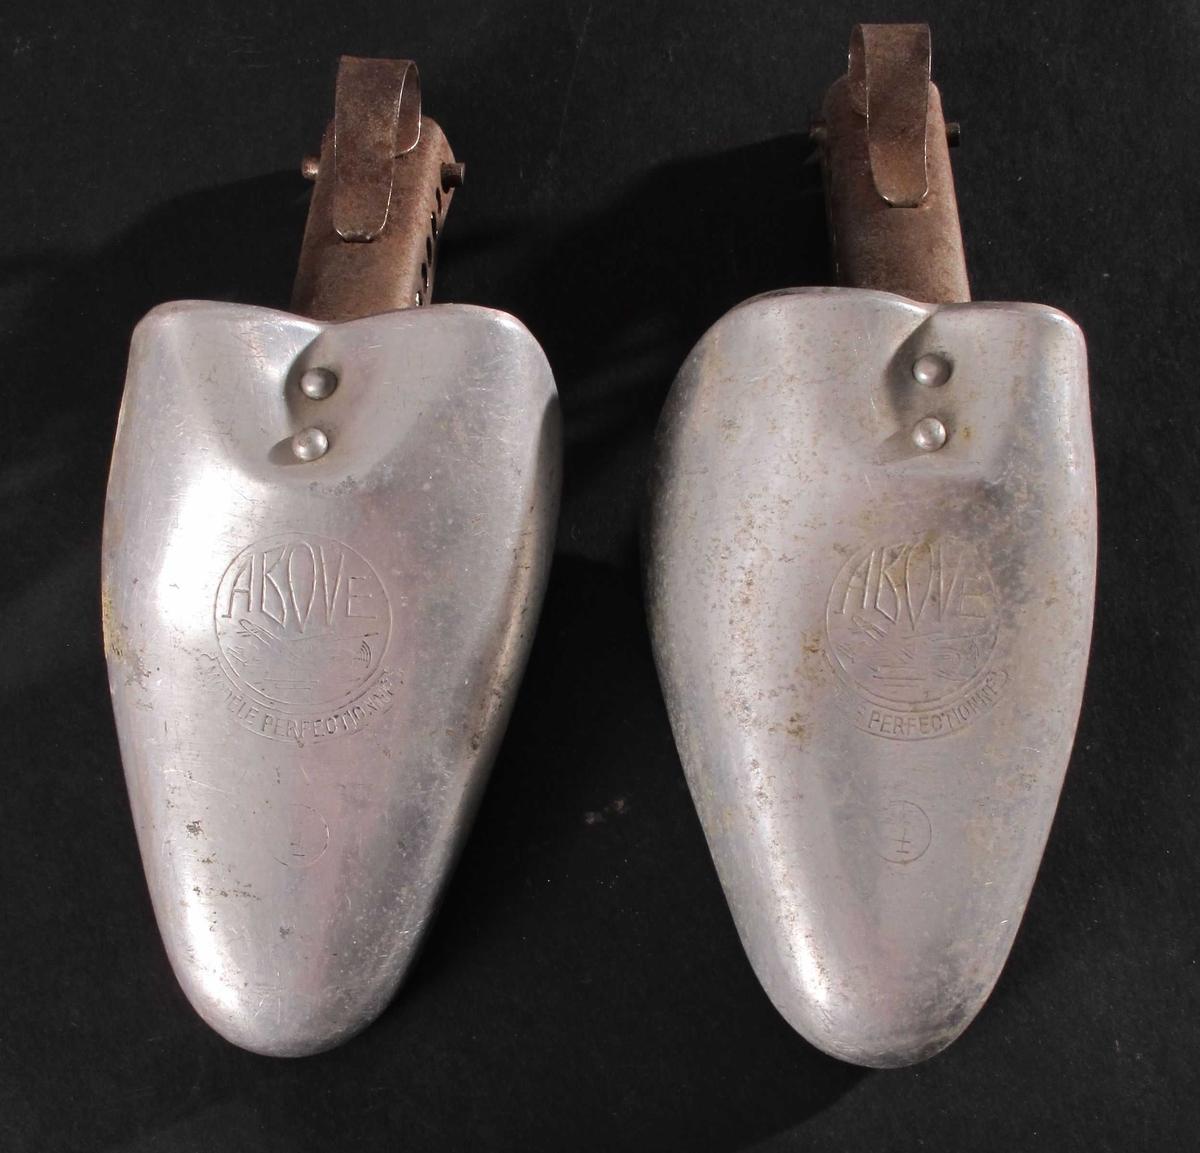 Skoformere i aluminium.  Til damesko.  Tåkappe i skoform, med en hengslet del i jern for å spenne mot hælen.  Hengslet rett under tåkappa, og omtrent midt på   Oppå tåkappa er det stemplet inn merke på begge.  Høyre tåkappe har et rundt klistremerke på innsidea med 530143 skrevet med blyant og 245- stemplet